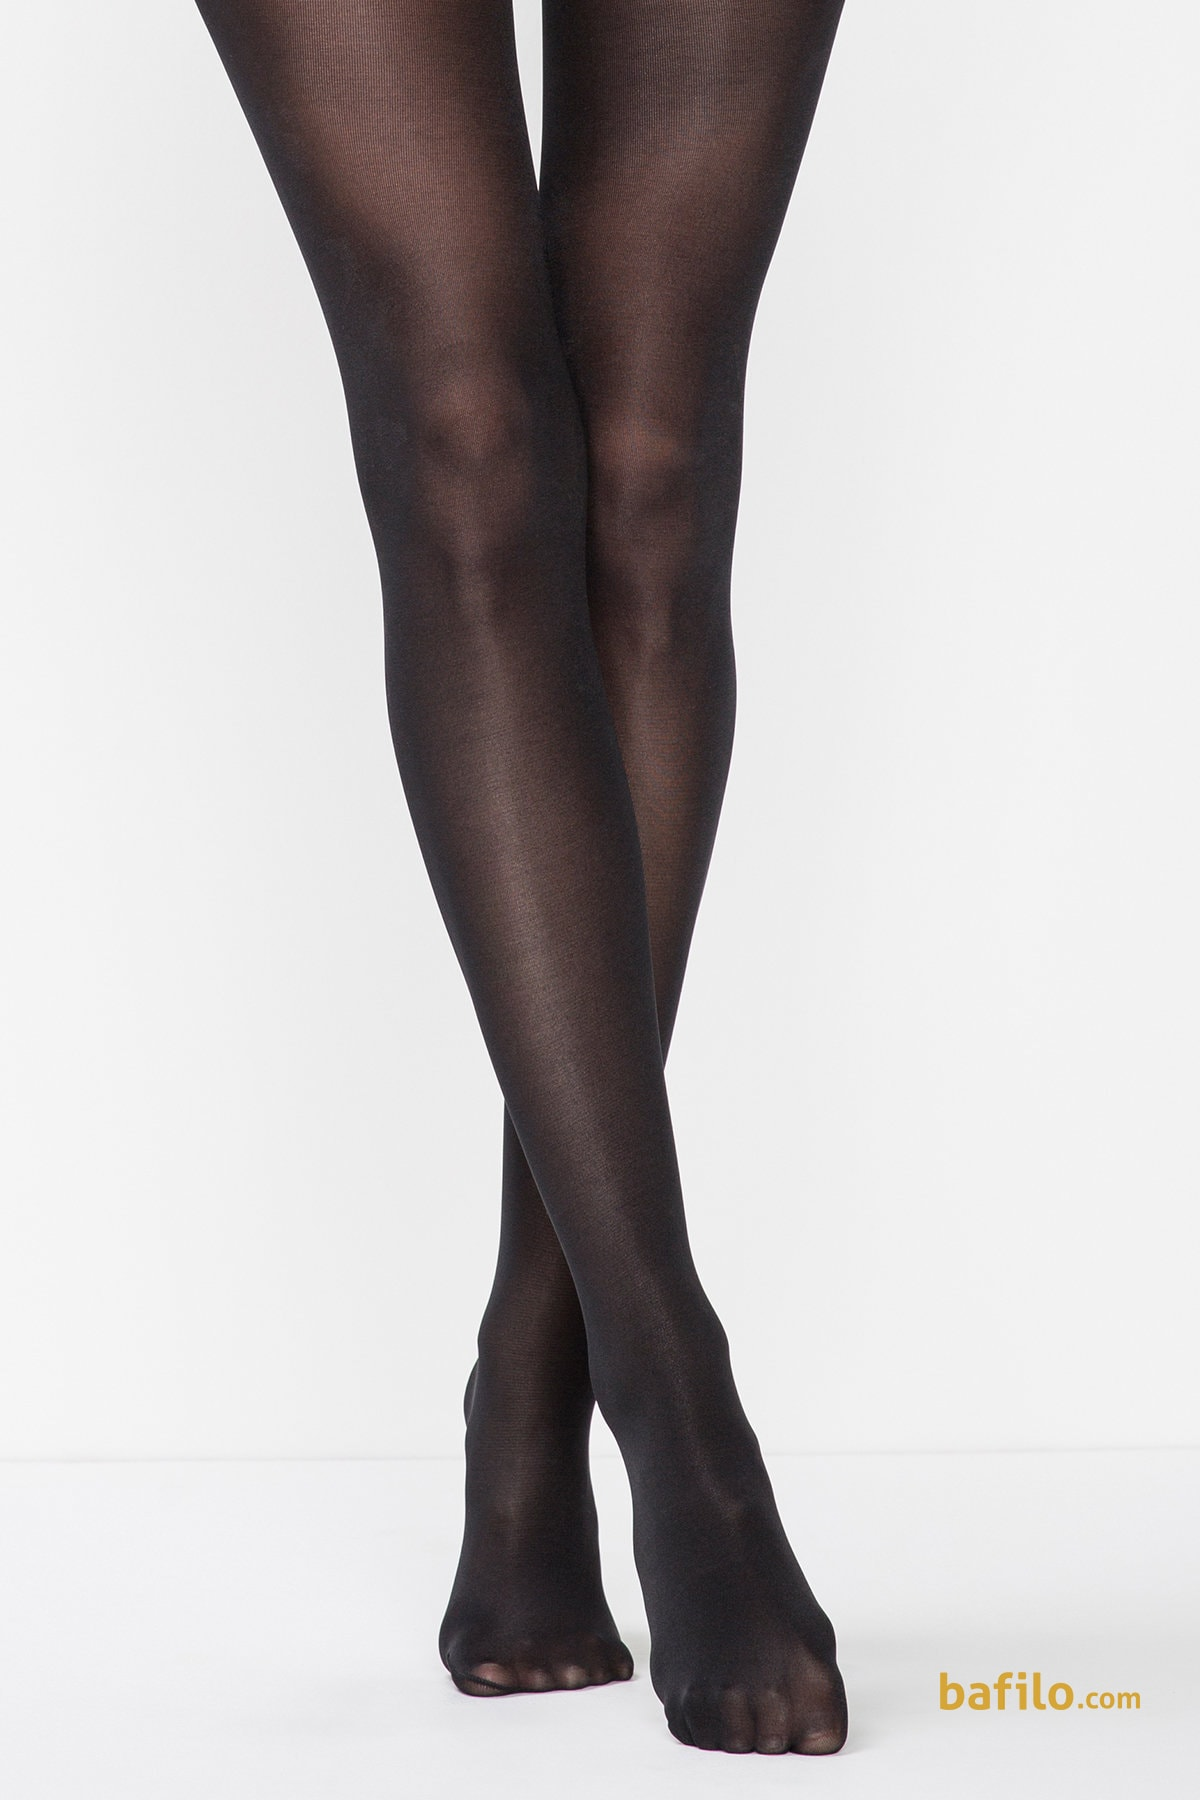 پنتی | Penti - جوراب شلواری زنانه پنتی Mikro 70 مشکی